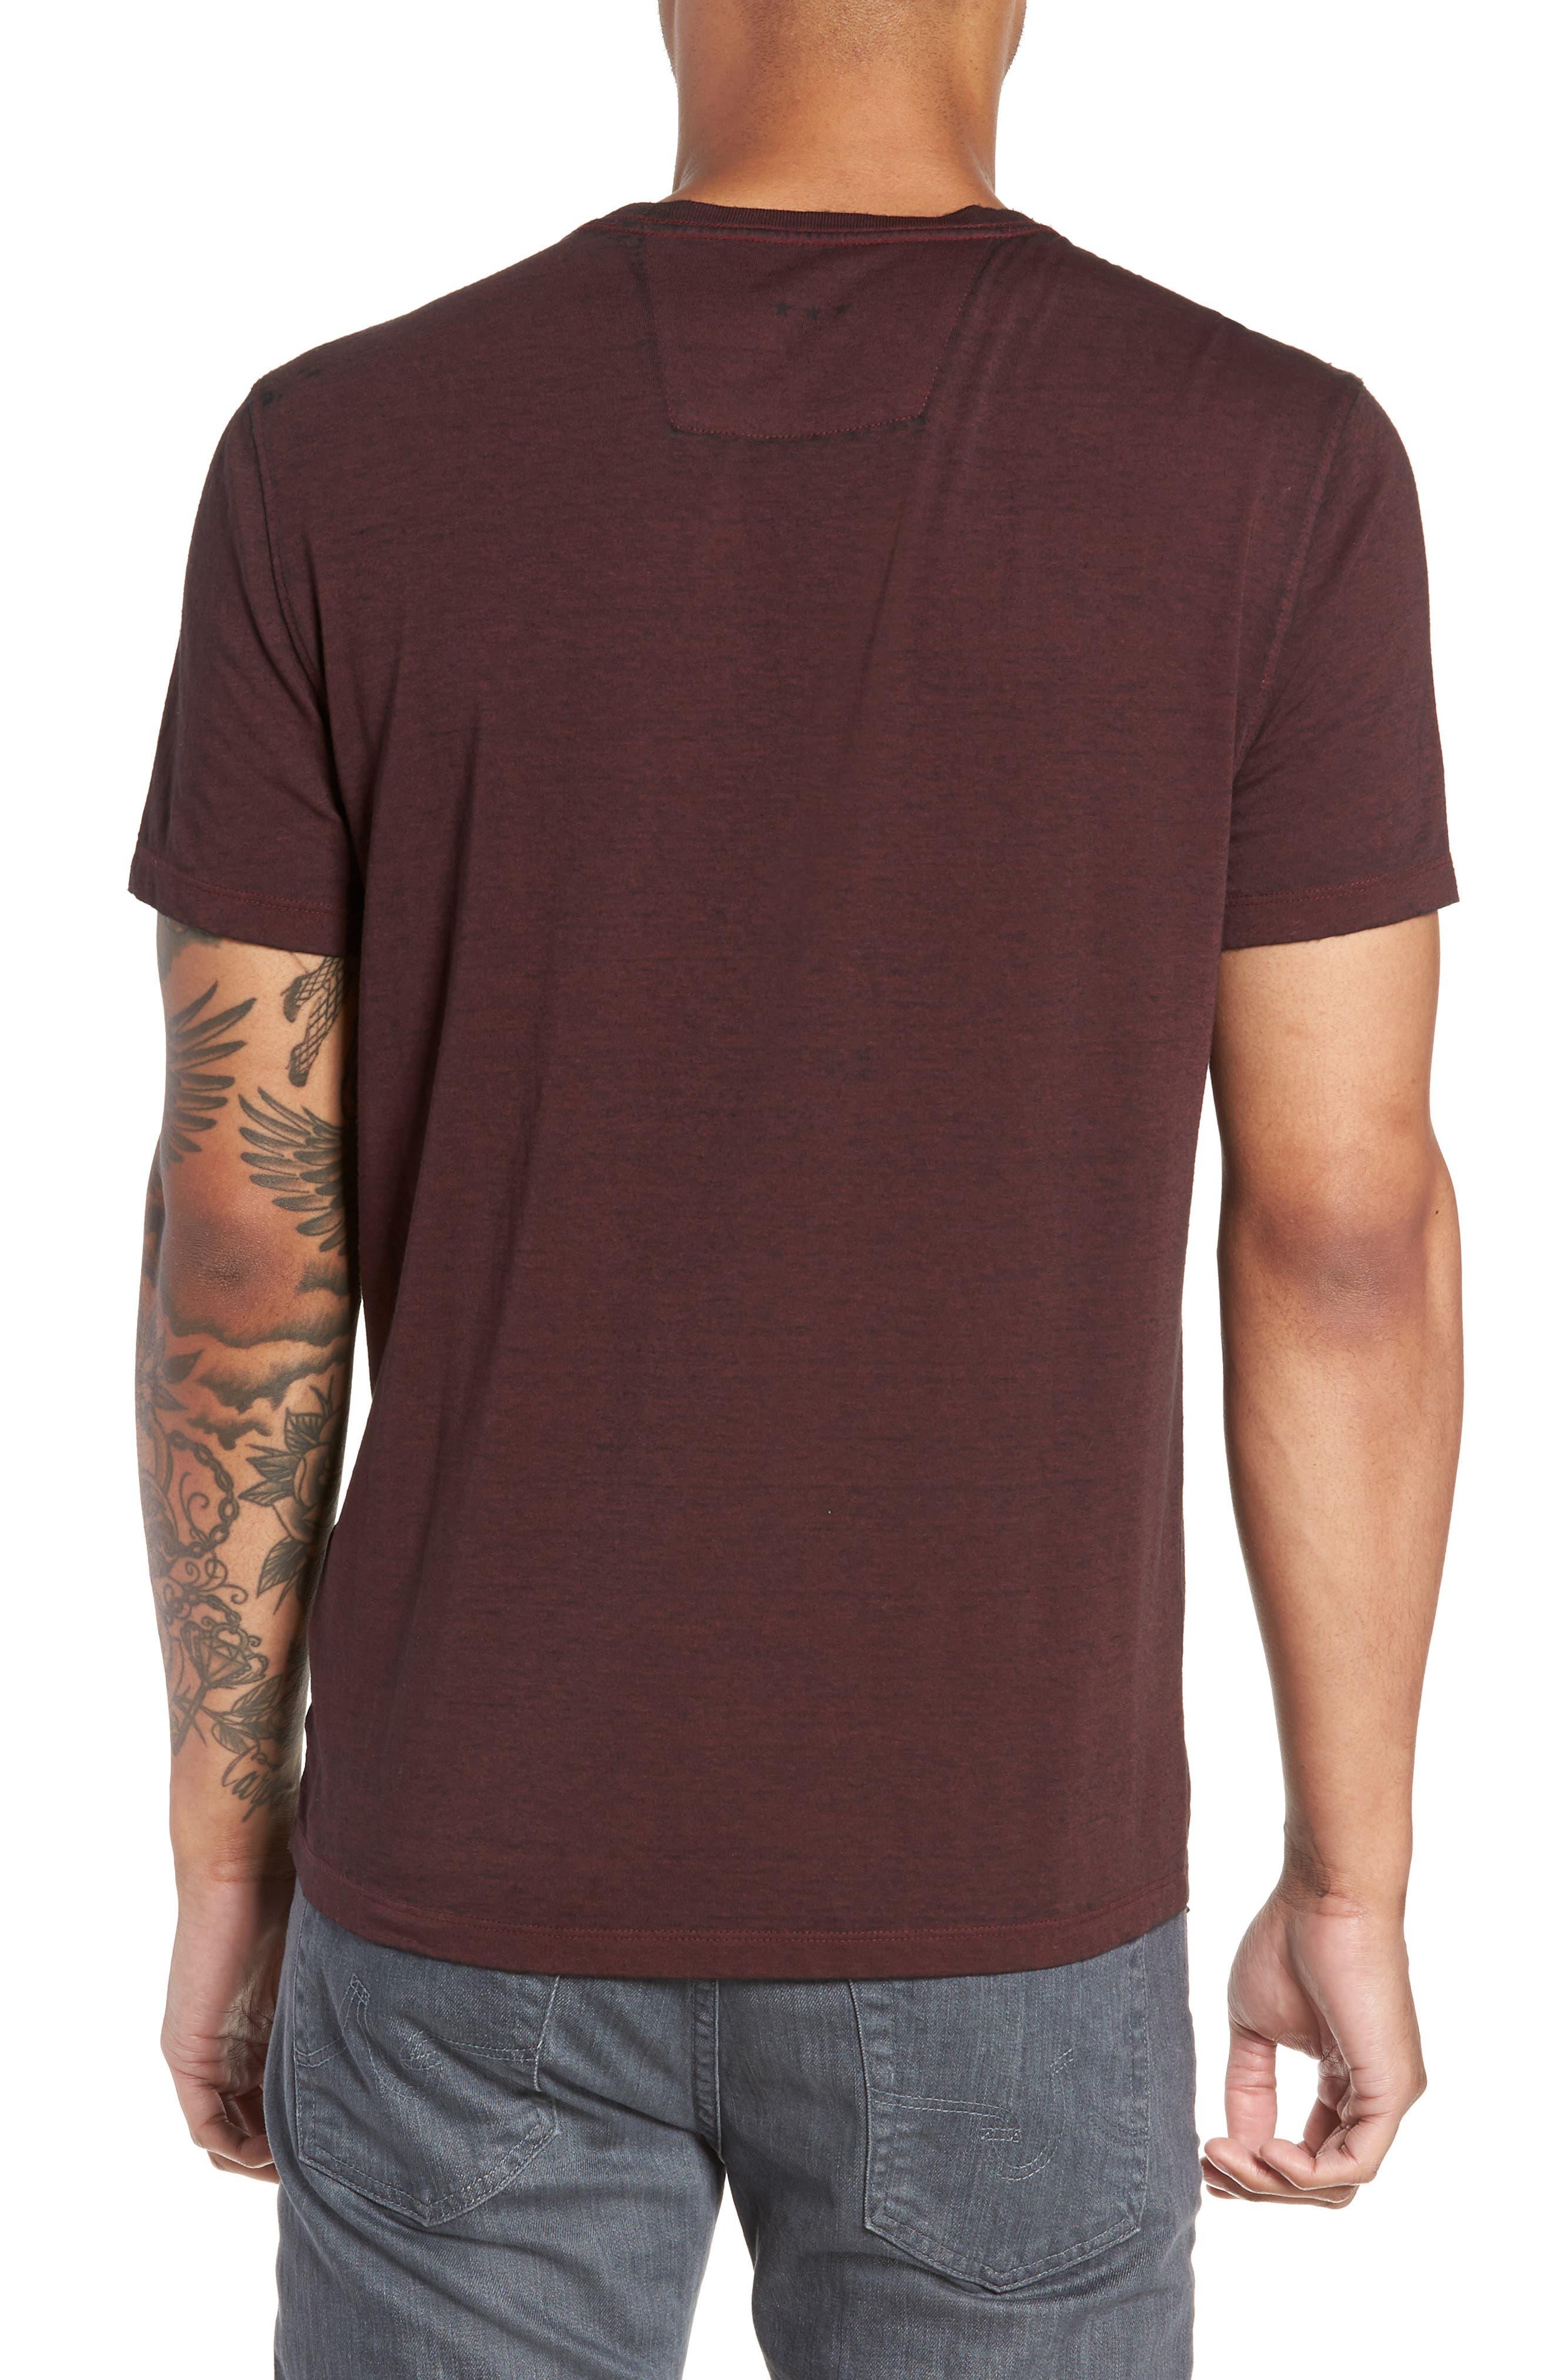 Fleur de Lis Graphic T-Shirt,                             Alternate thumbnail 2, color,                             930